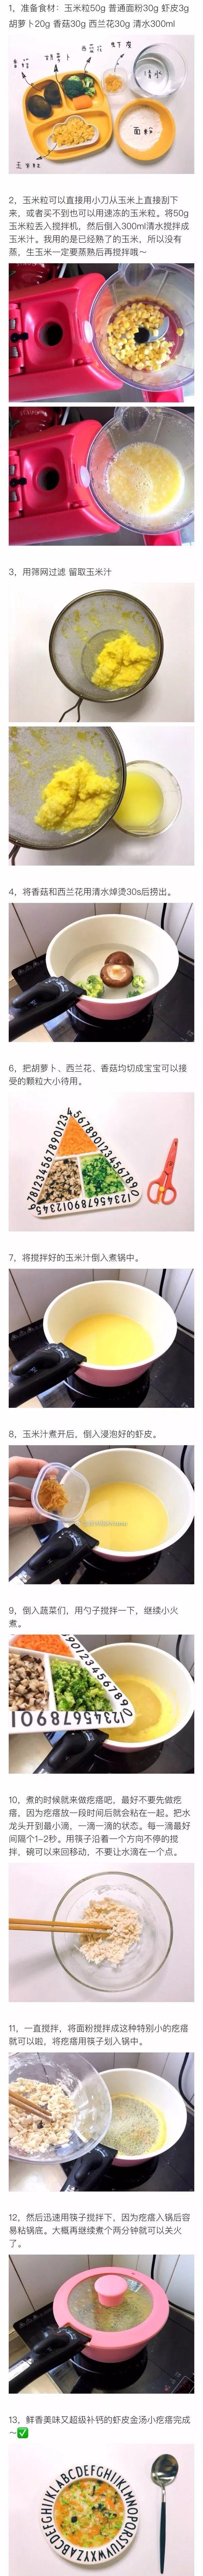 汇总 | 8款美味疙瘩汤,秋冬宝宝暖胃必备,一碗根本不够喝!